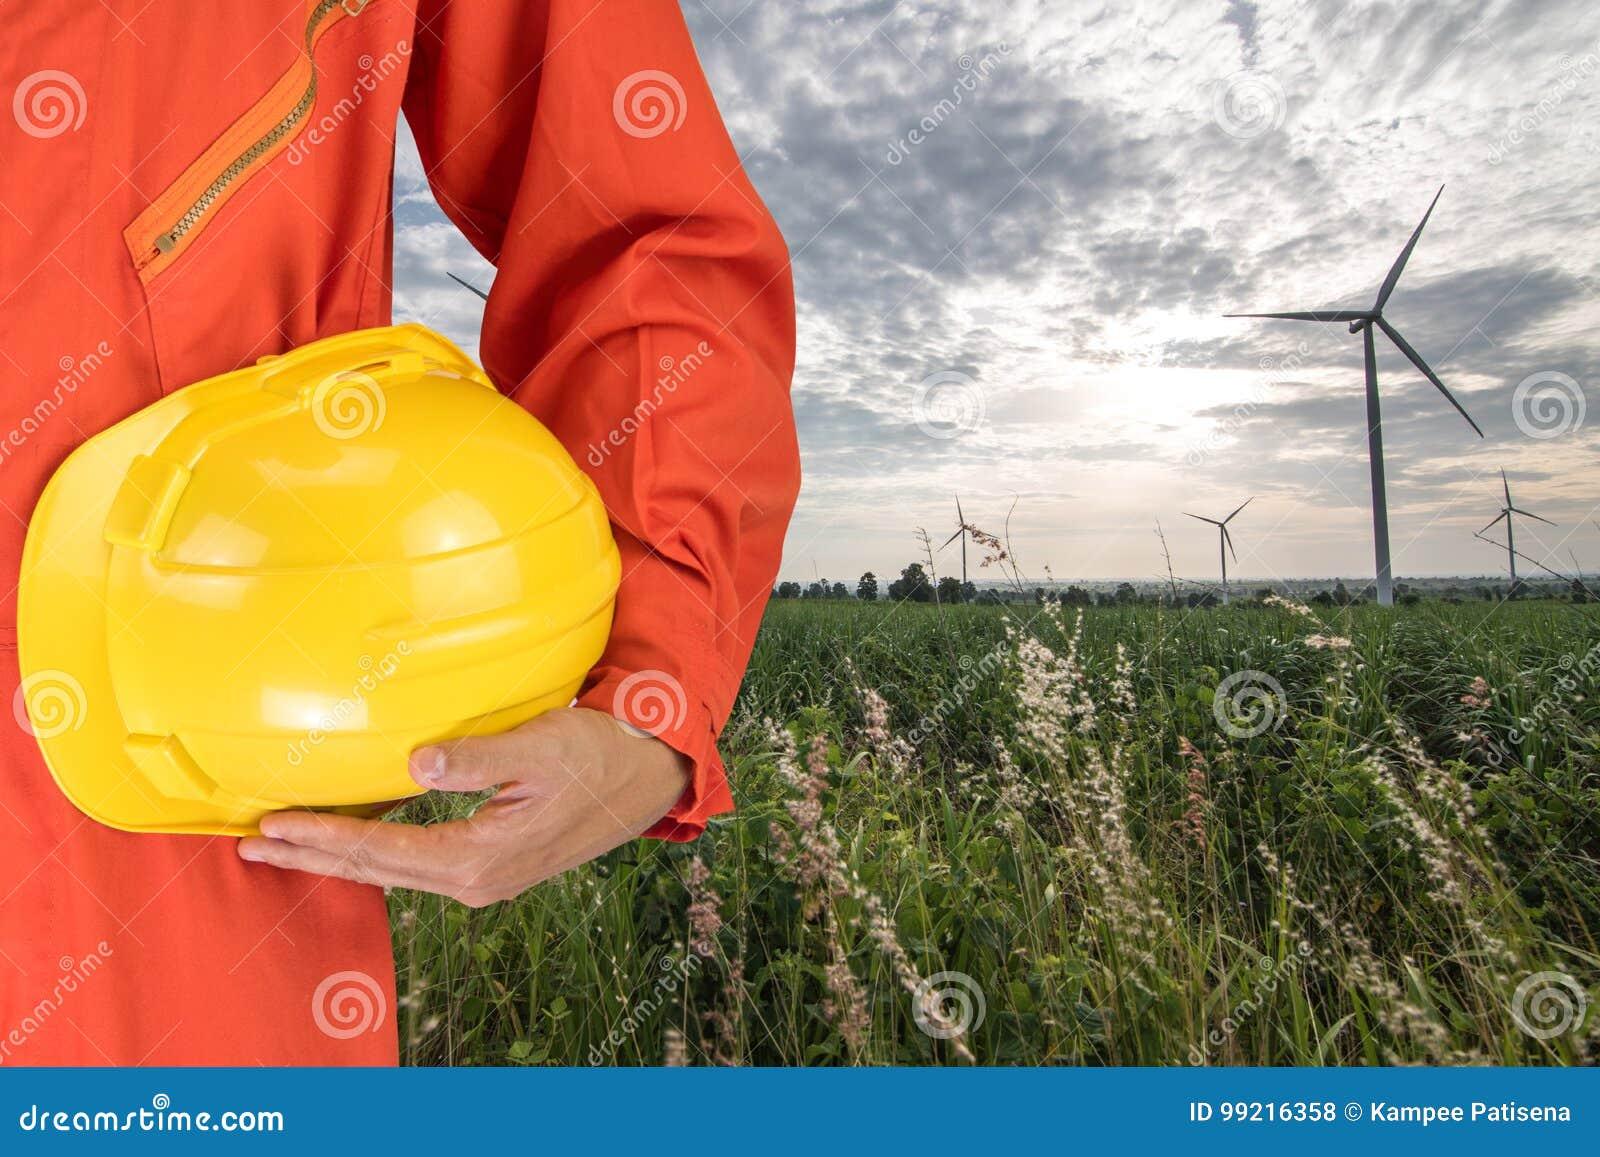 Säkerhetsdräkten och handhållen gulnar hjälmen med gener för vindturbiner